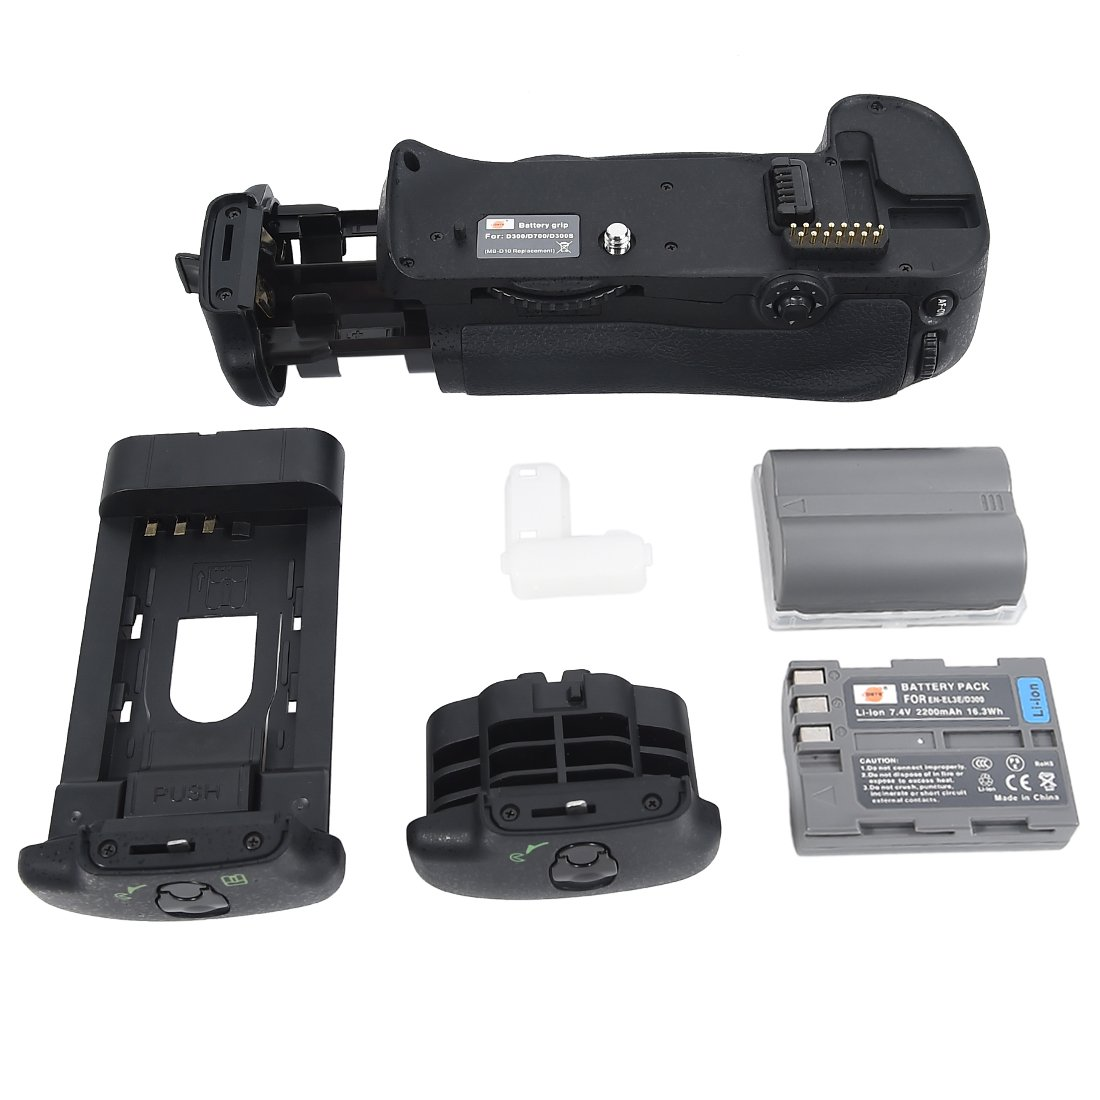 DSTE Pro MB-D10 Vertical Battery Grip + 2x EN-EL3E for Nikon D300 D300S D700 D900 SLR Digital Camera